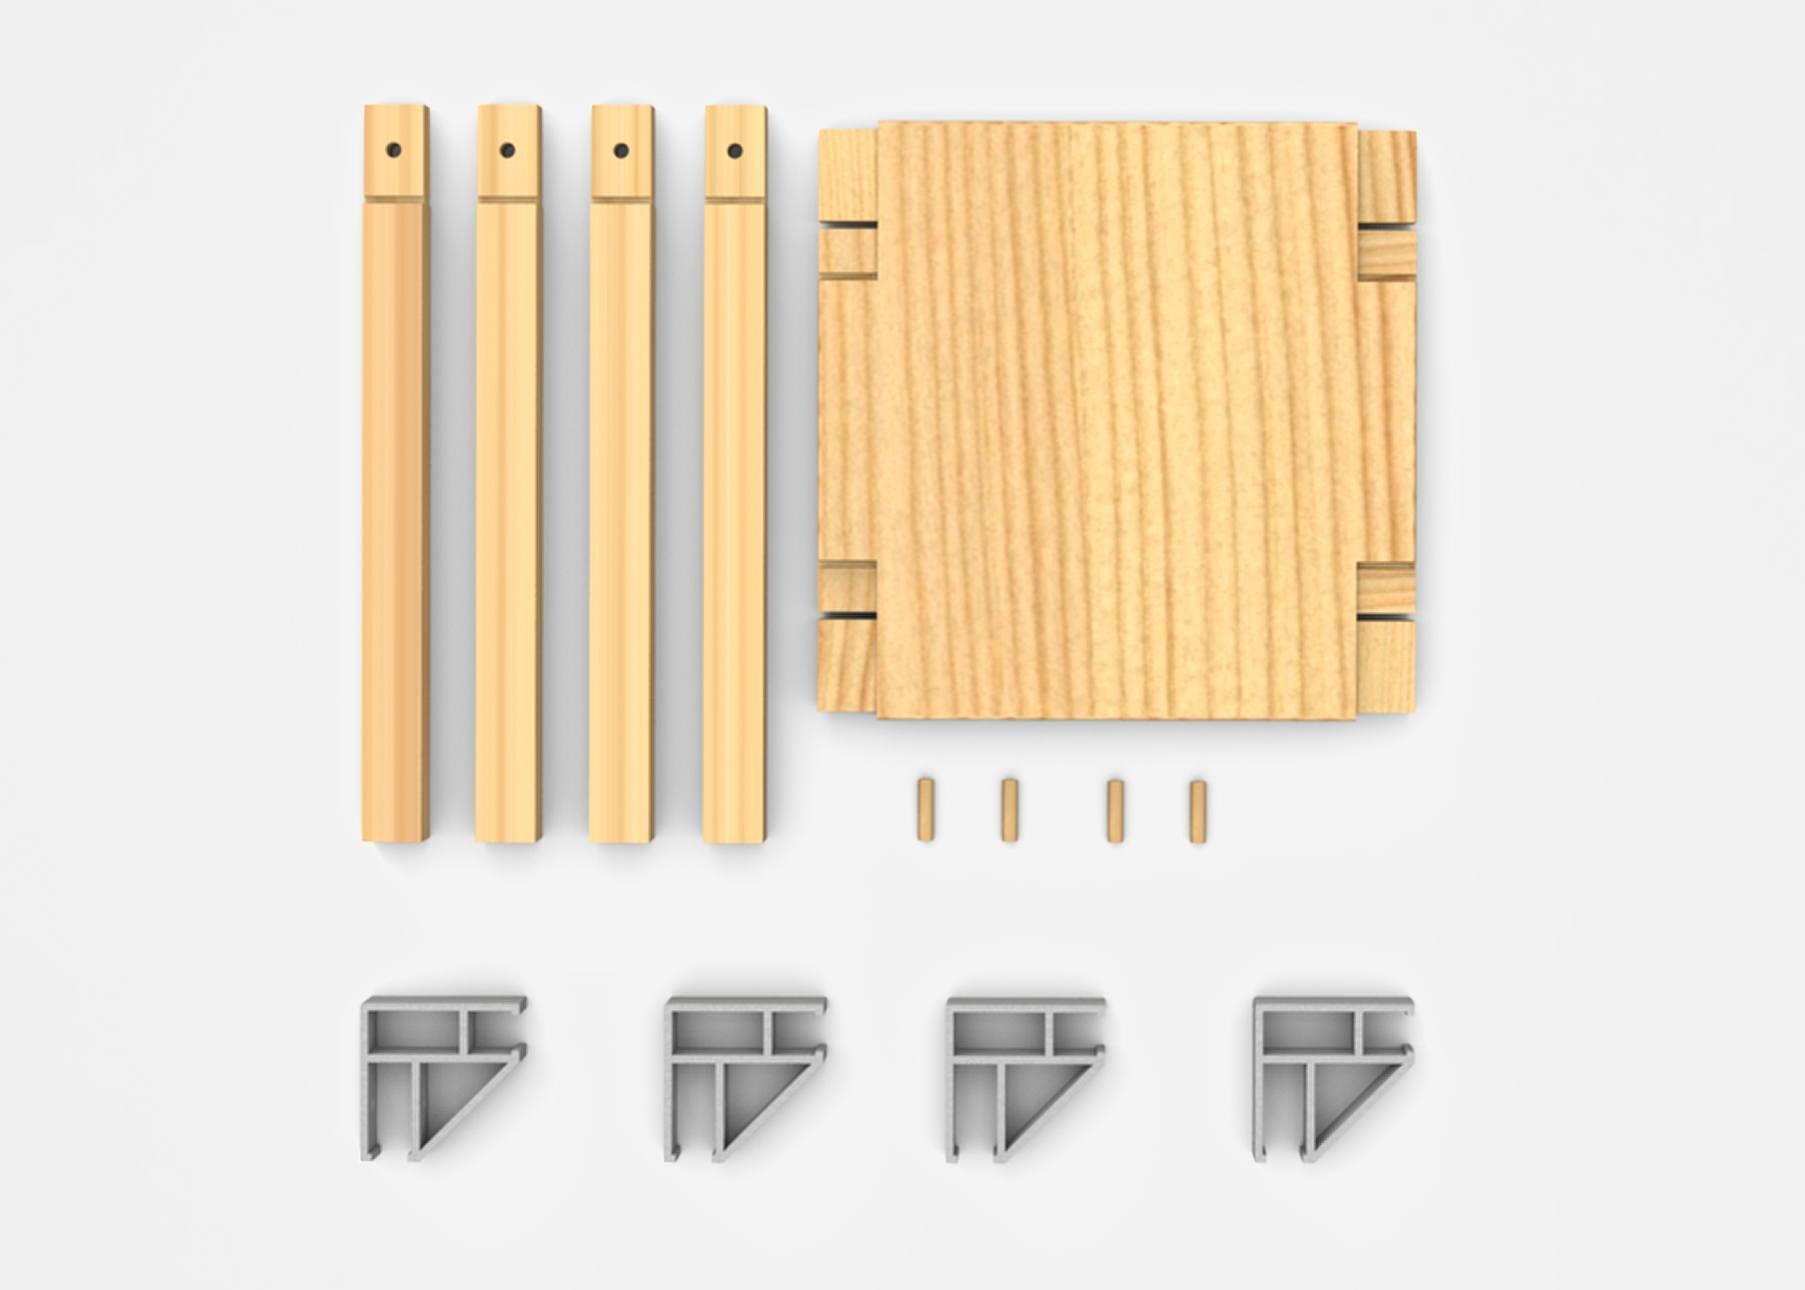 extrusion furnitures